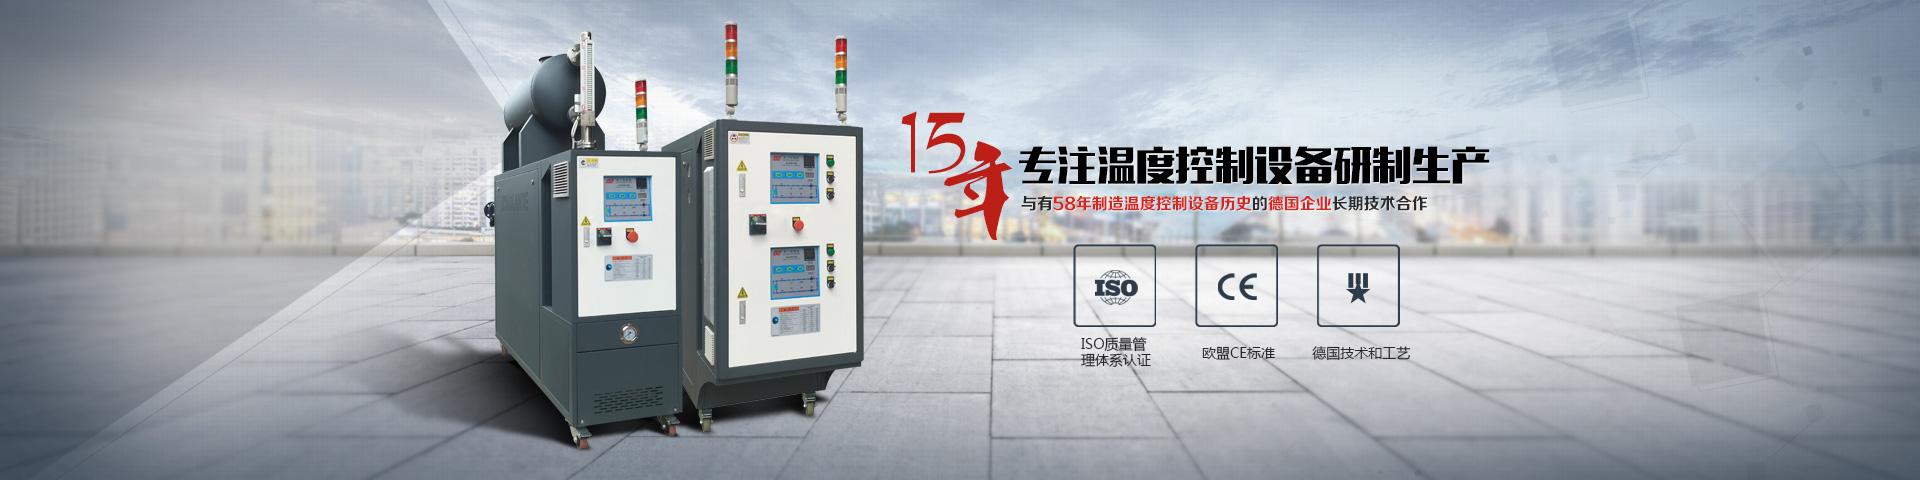 導熱油加熱器(qi)價格